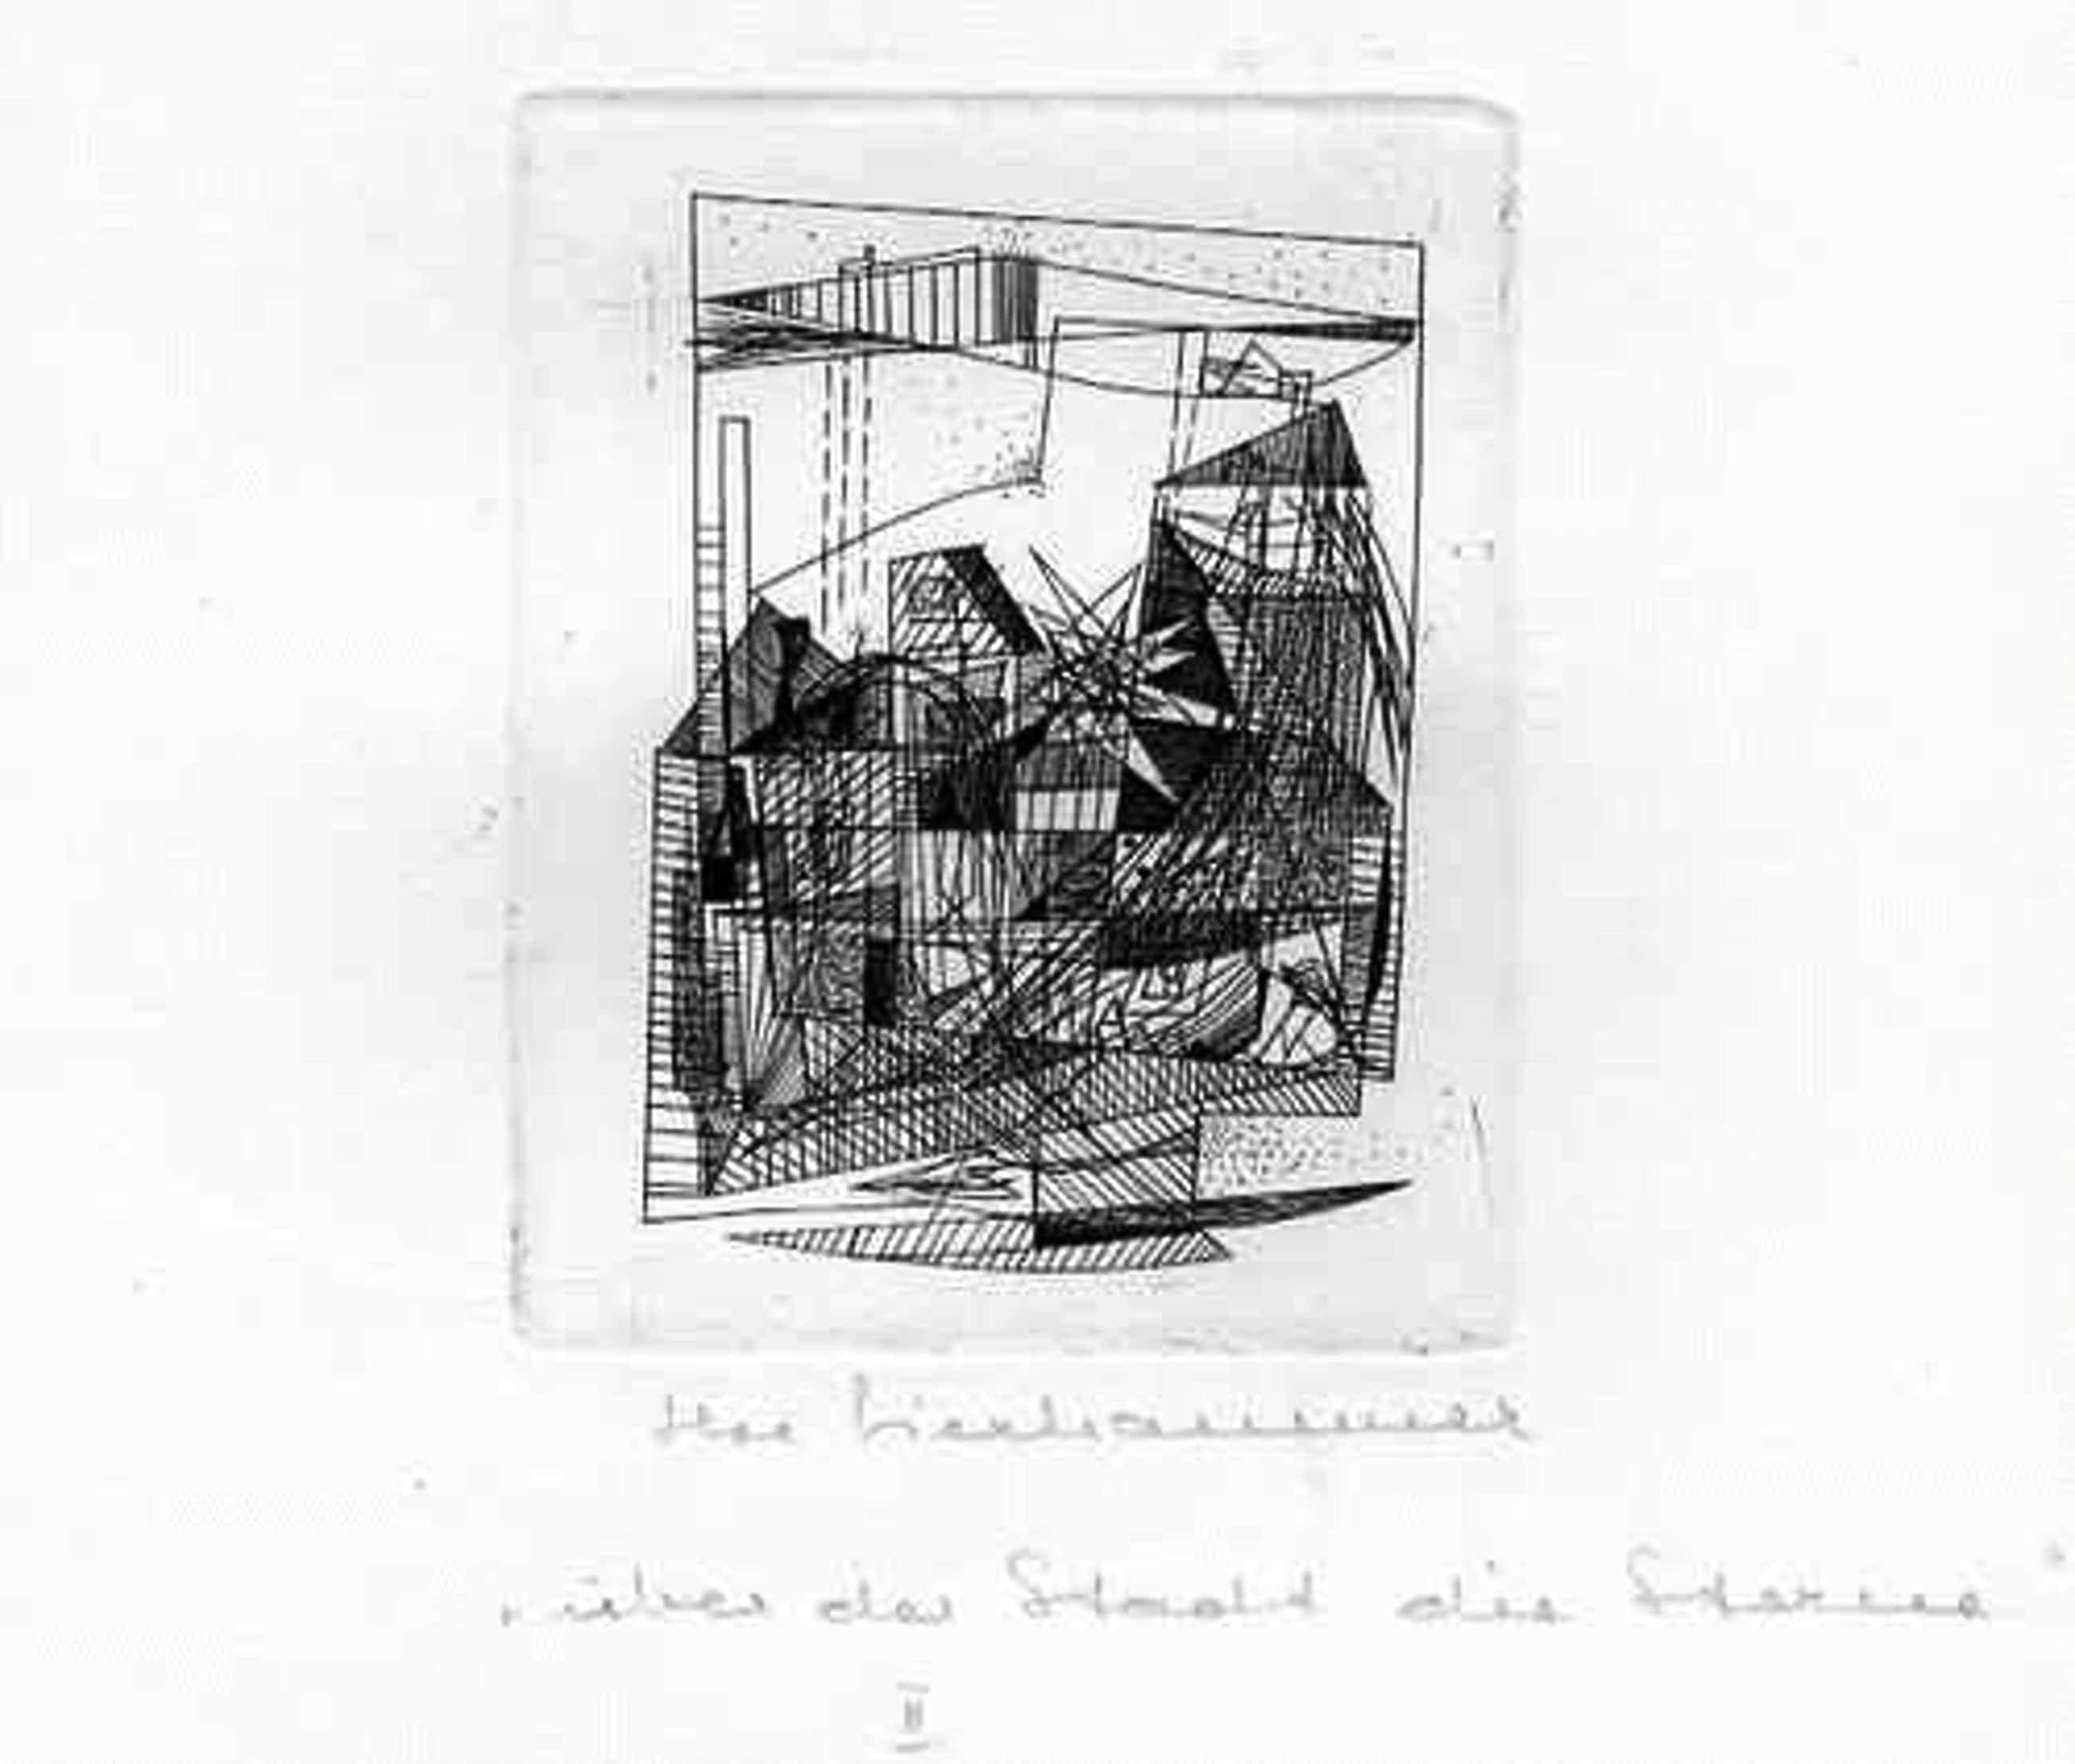 Ilse Lierhammer - Über der STADT die STERNE II - Originalradierung der SCHWEIZer Künstlerin - handsigniert & tituliert kopen? Bied vanaf 30!